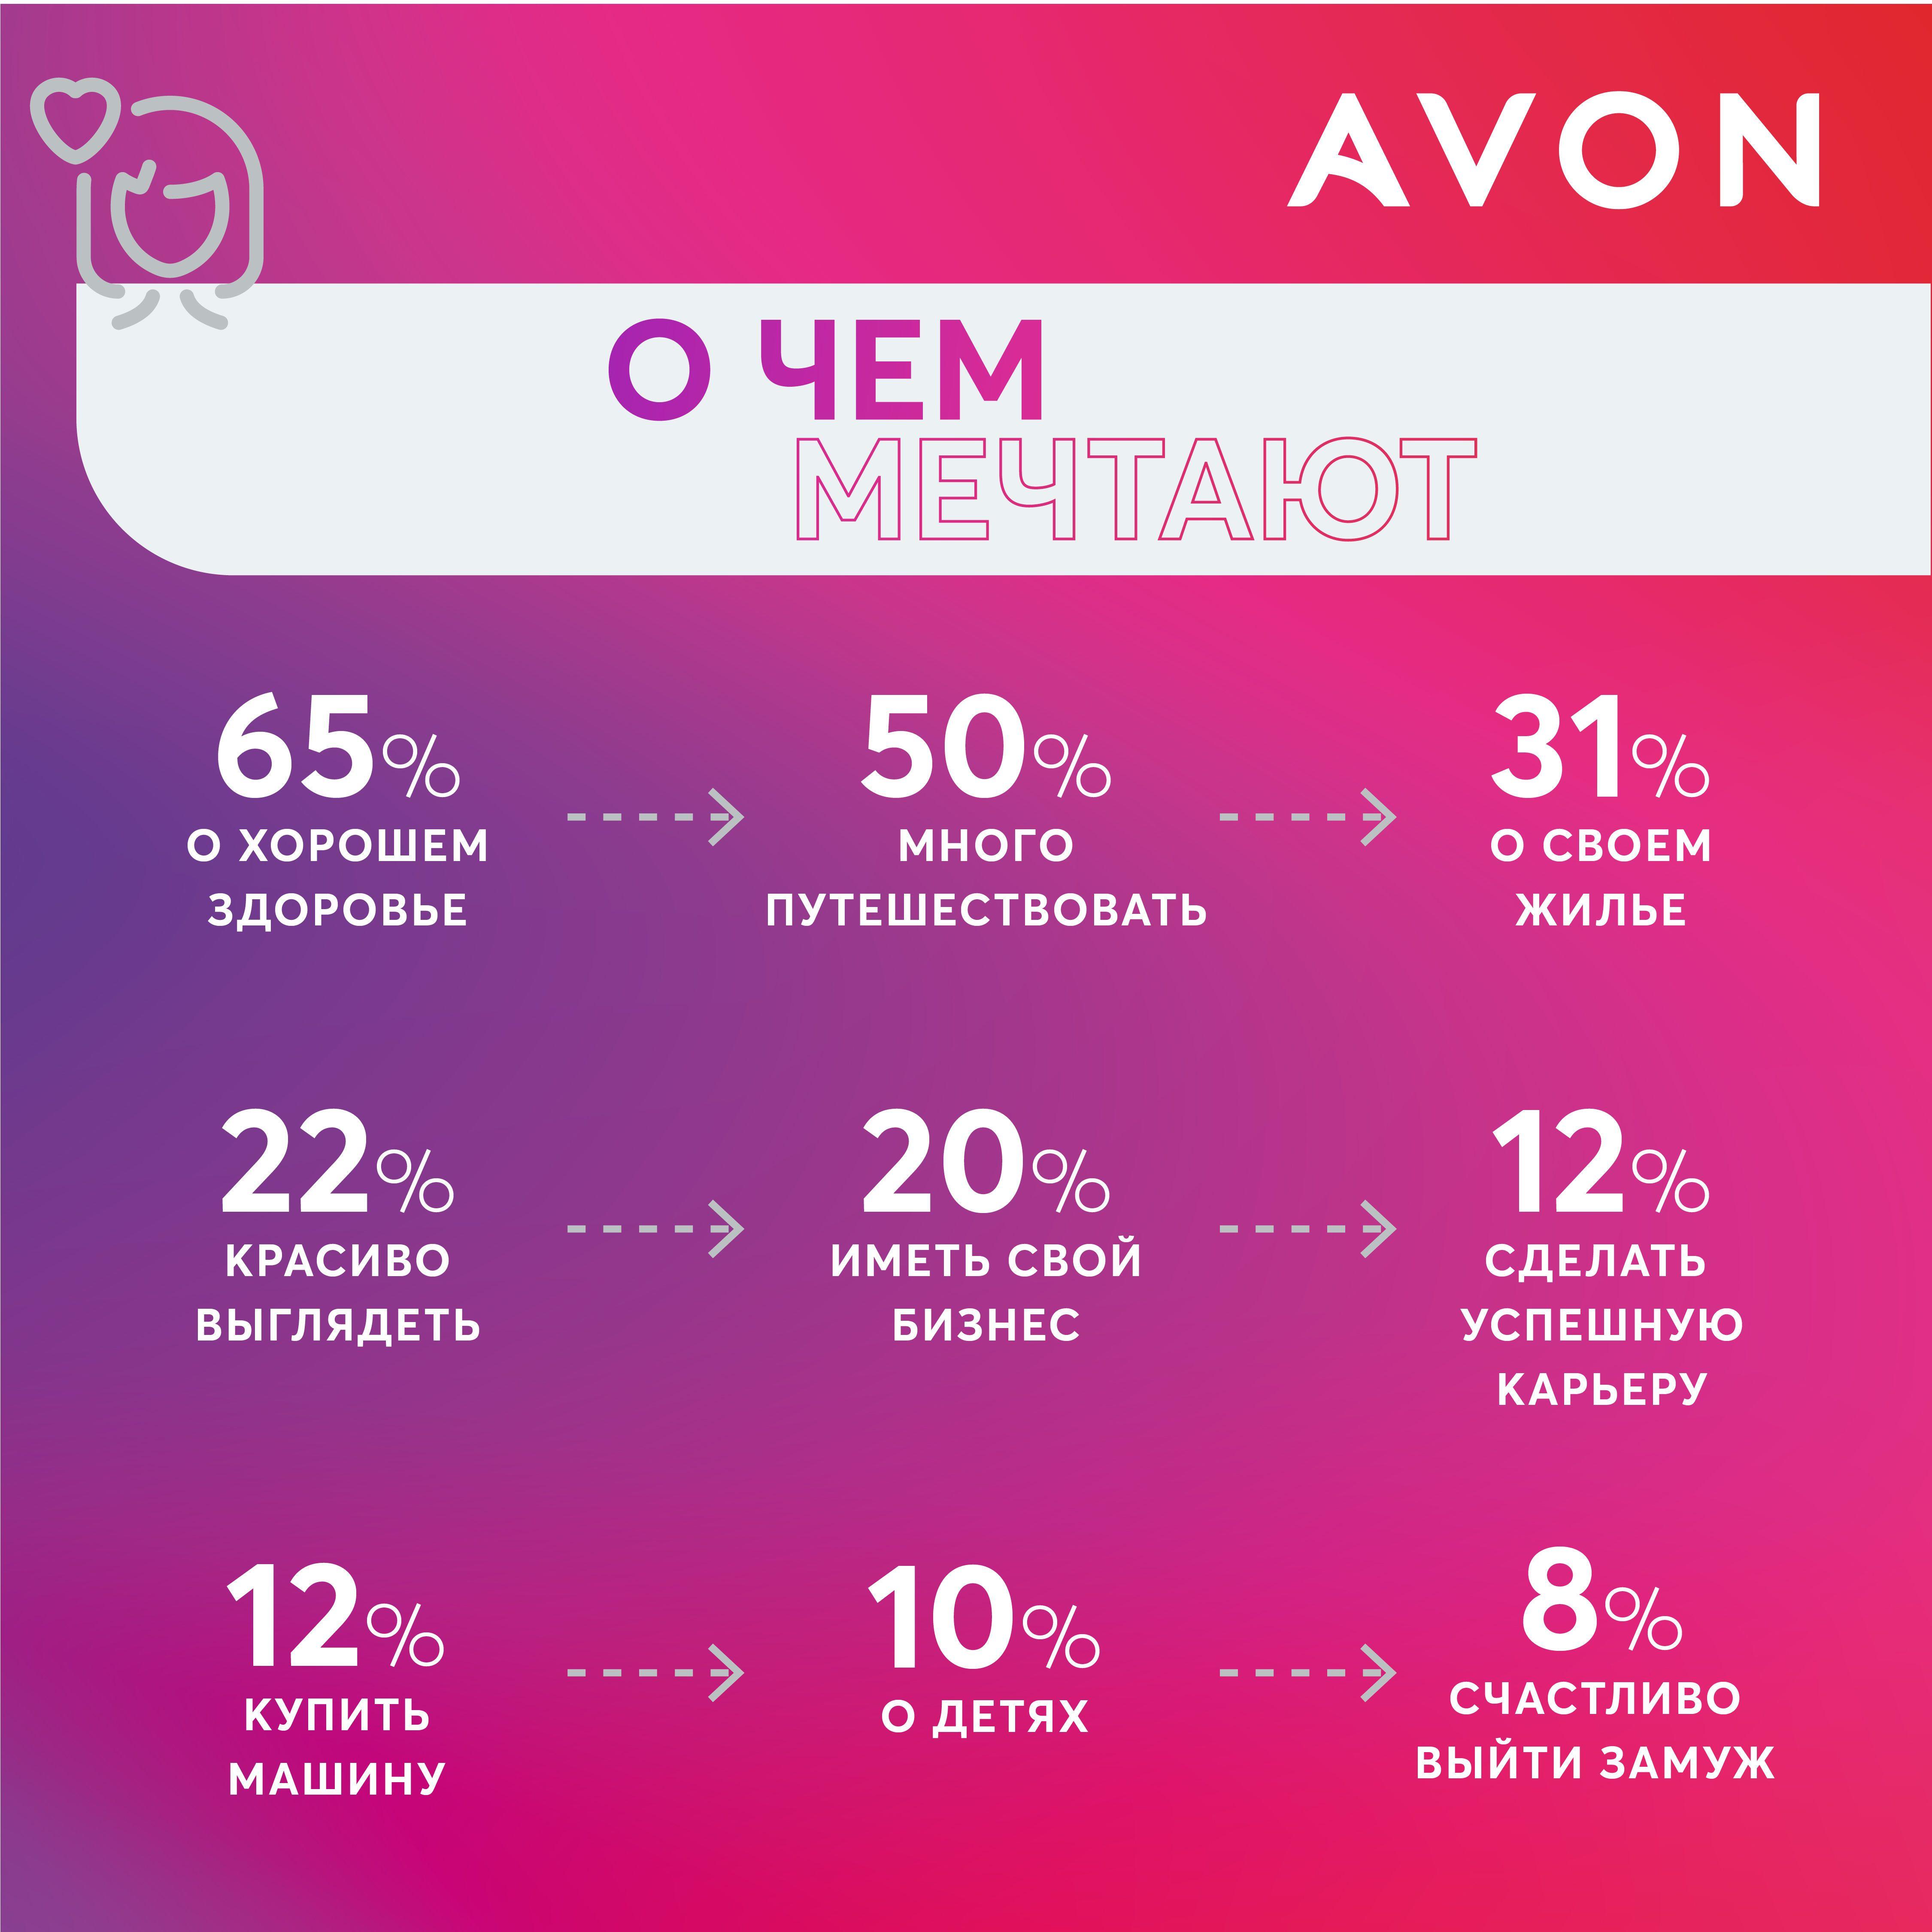 Avon інфографіка ру_4